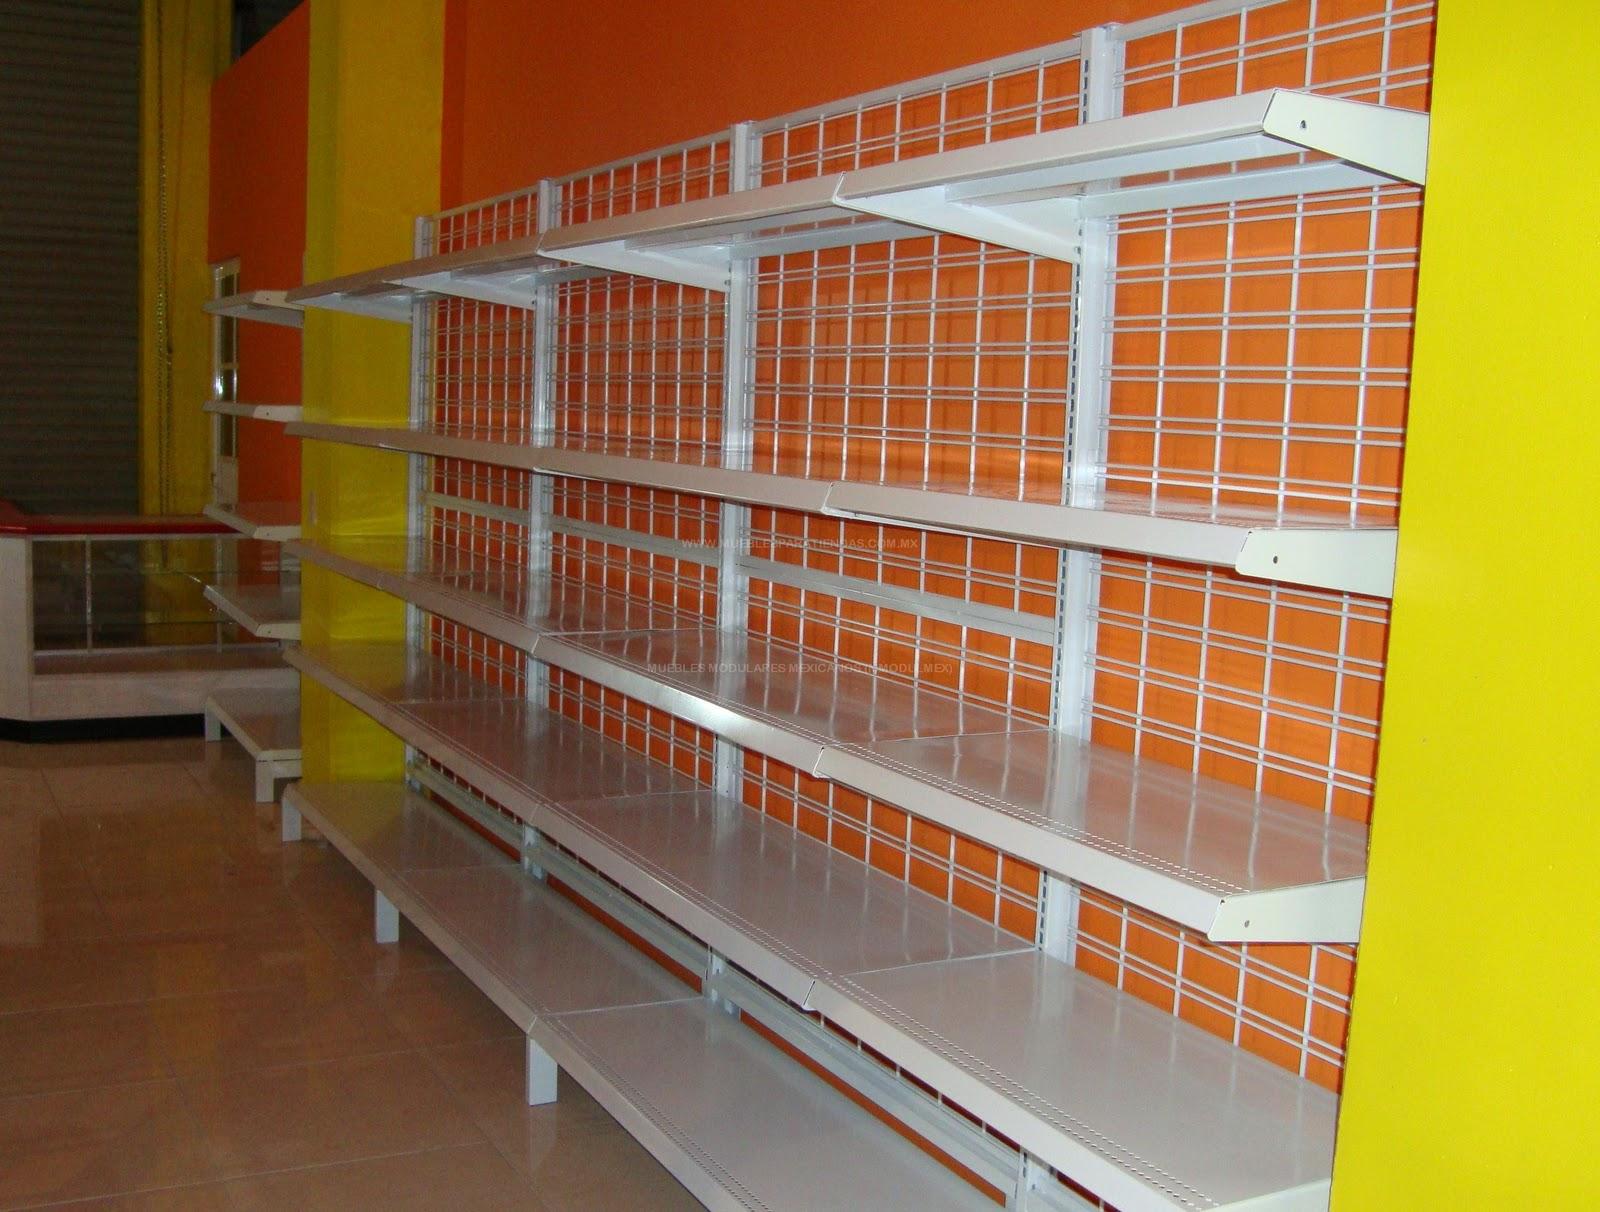 Estanteria metalica muebles metalicos y anaqueles for Muebles para negocio